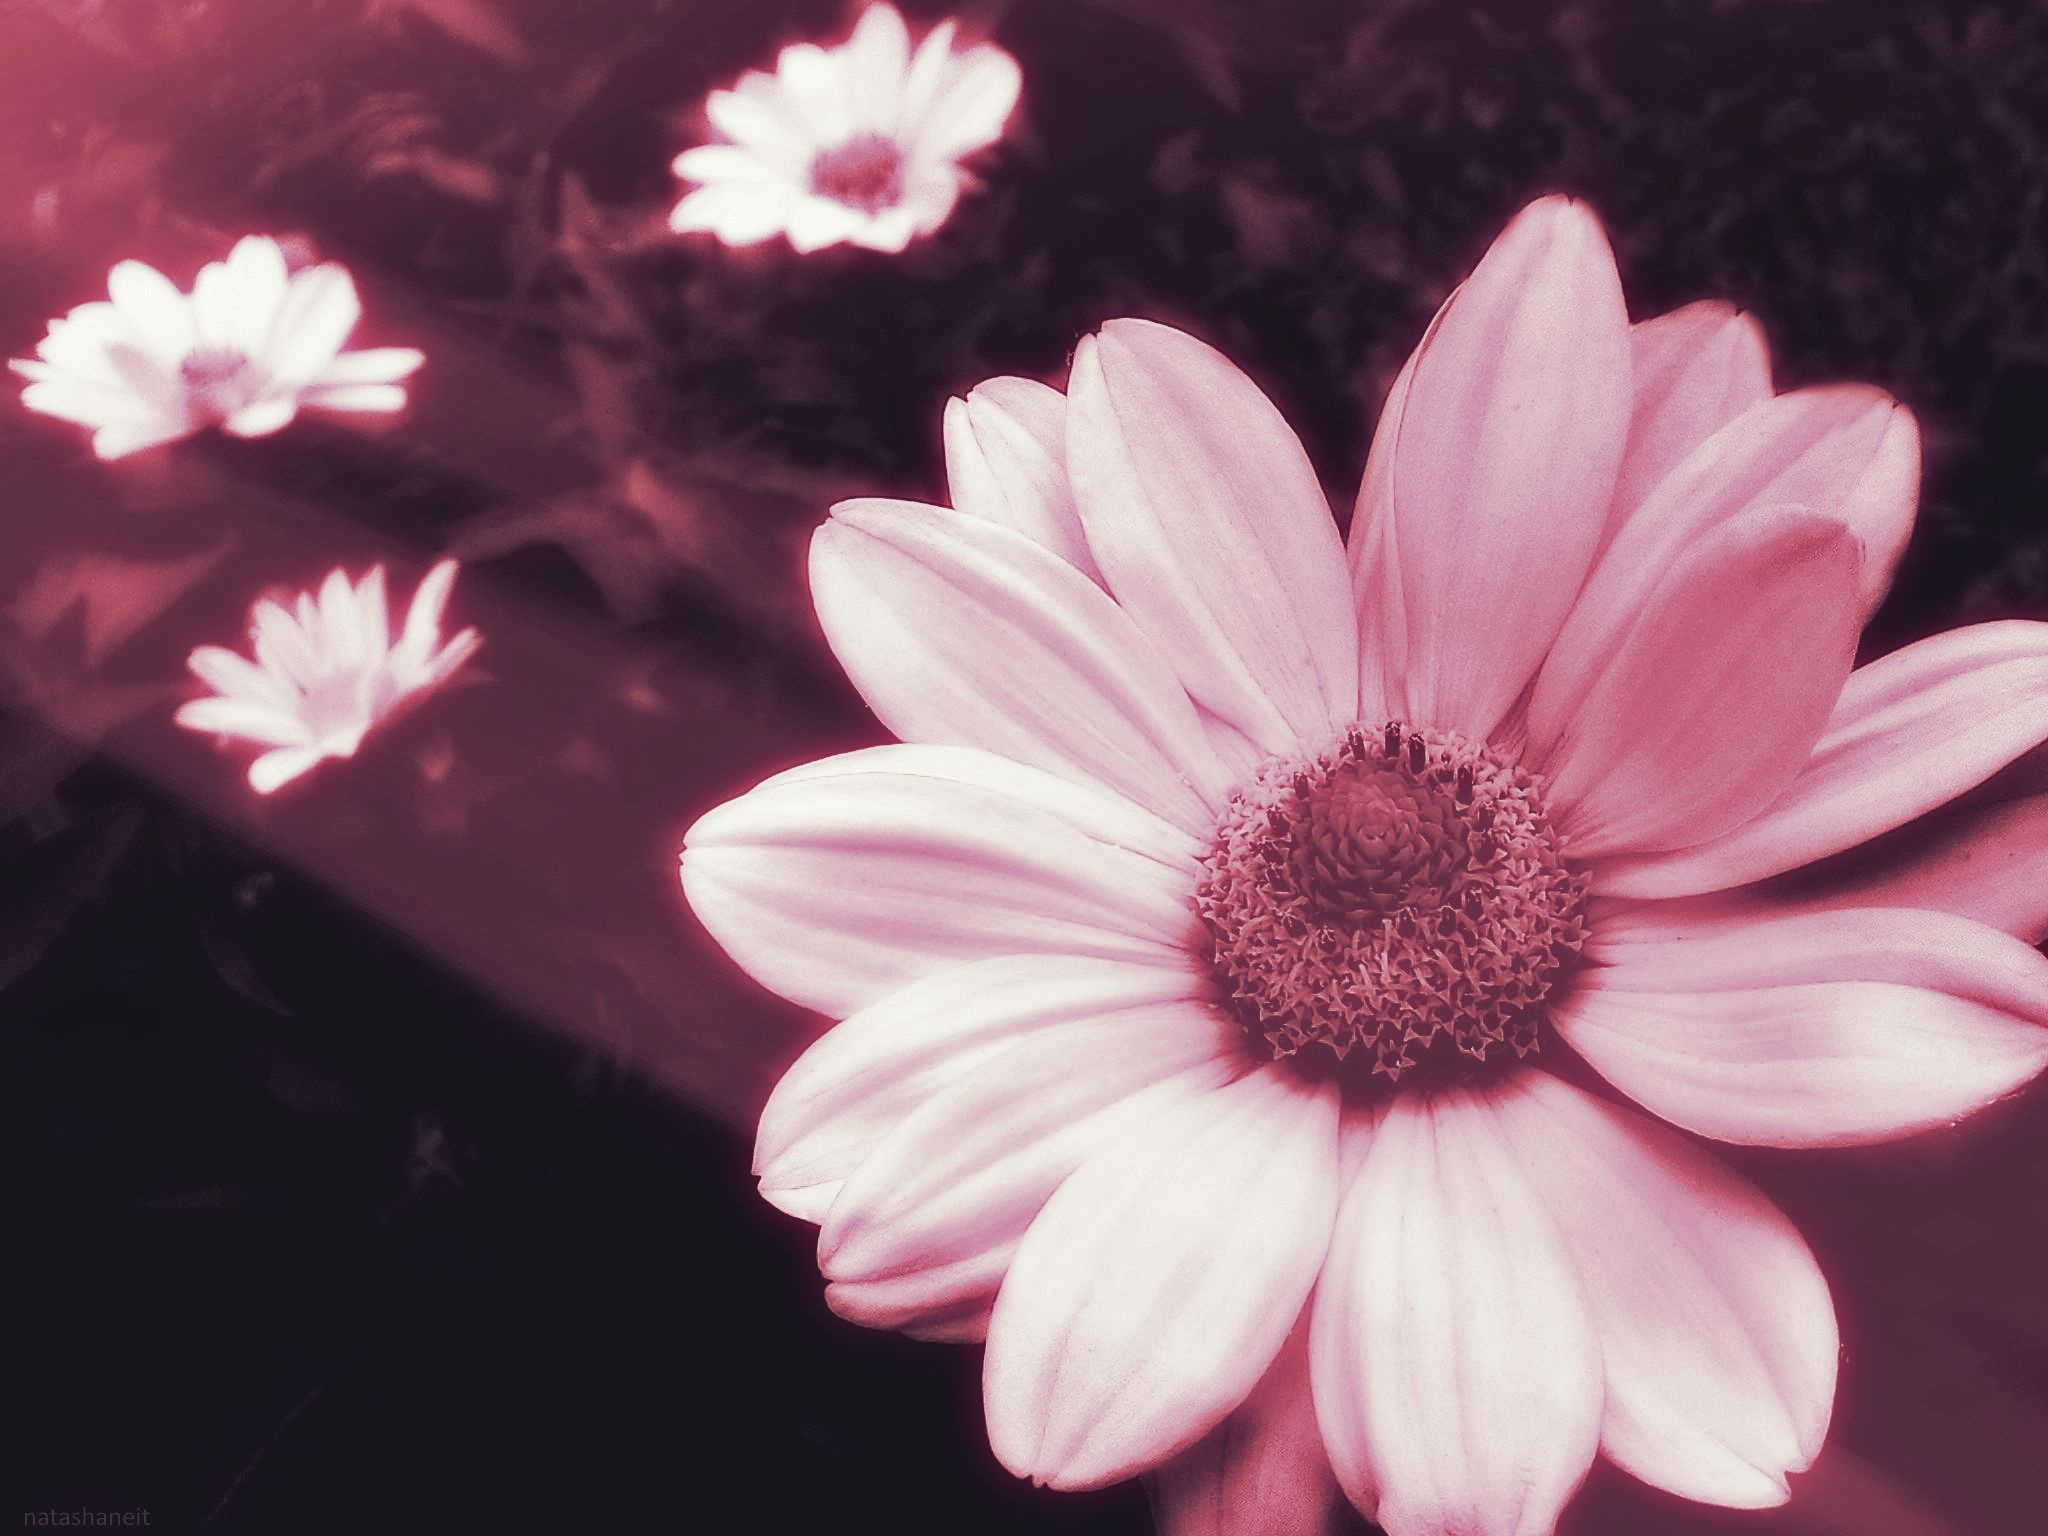 Daisies and light by natashaneit